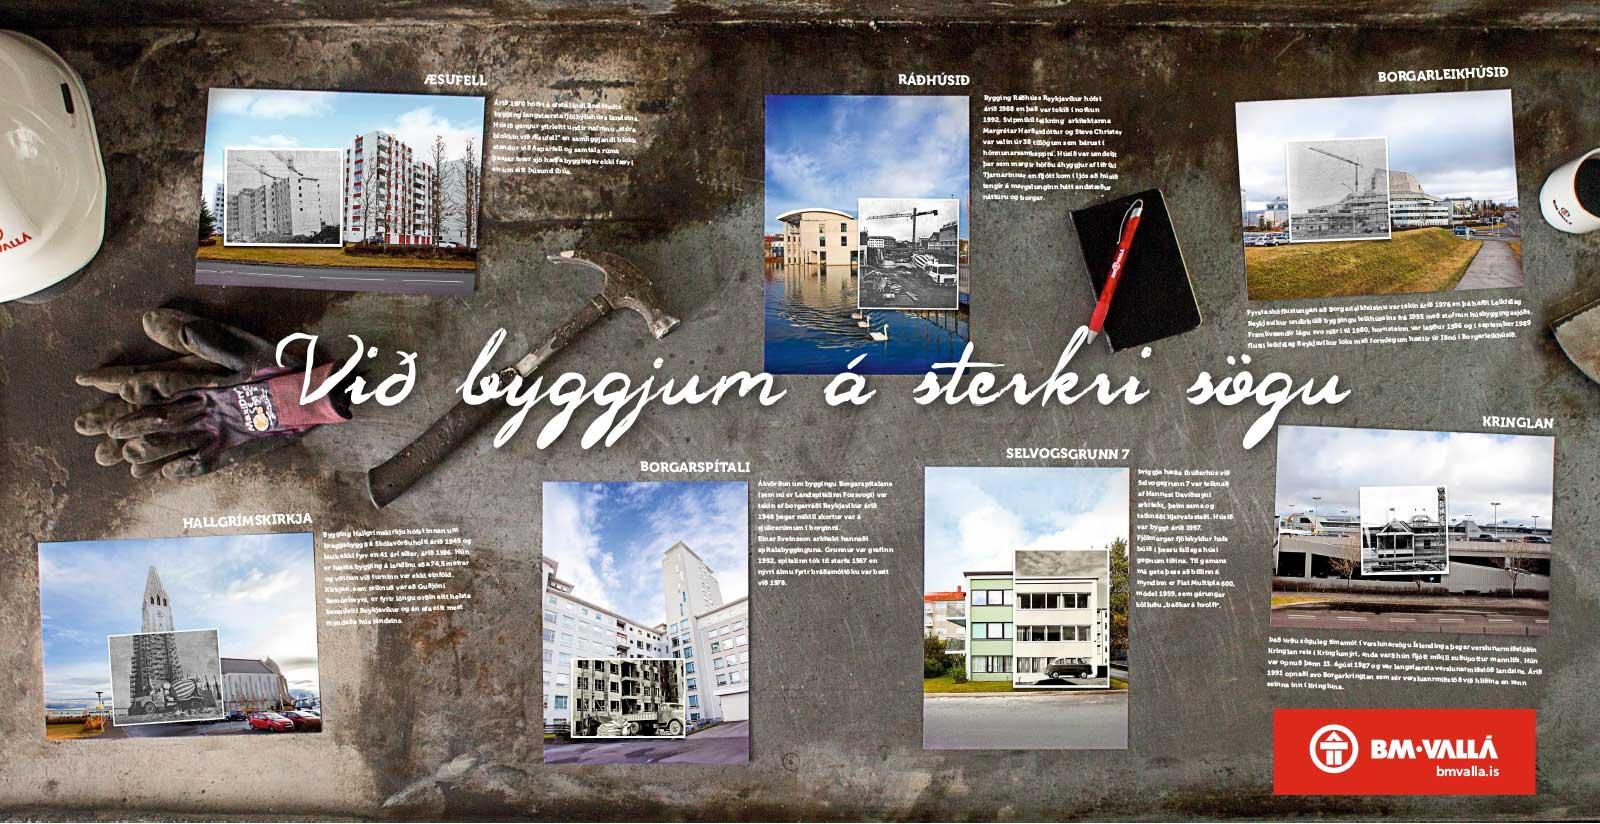 Auglýsingaherferð fyrir BM Vallá - Við byggjum á sterkri sögu